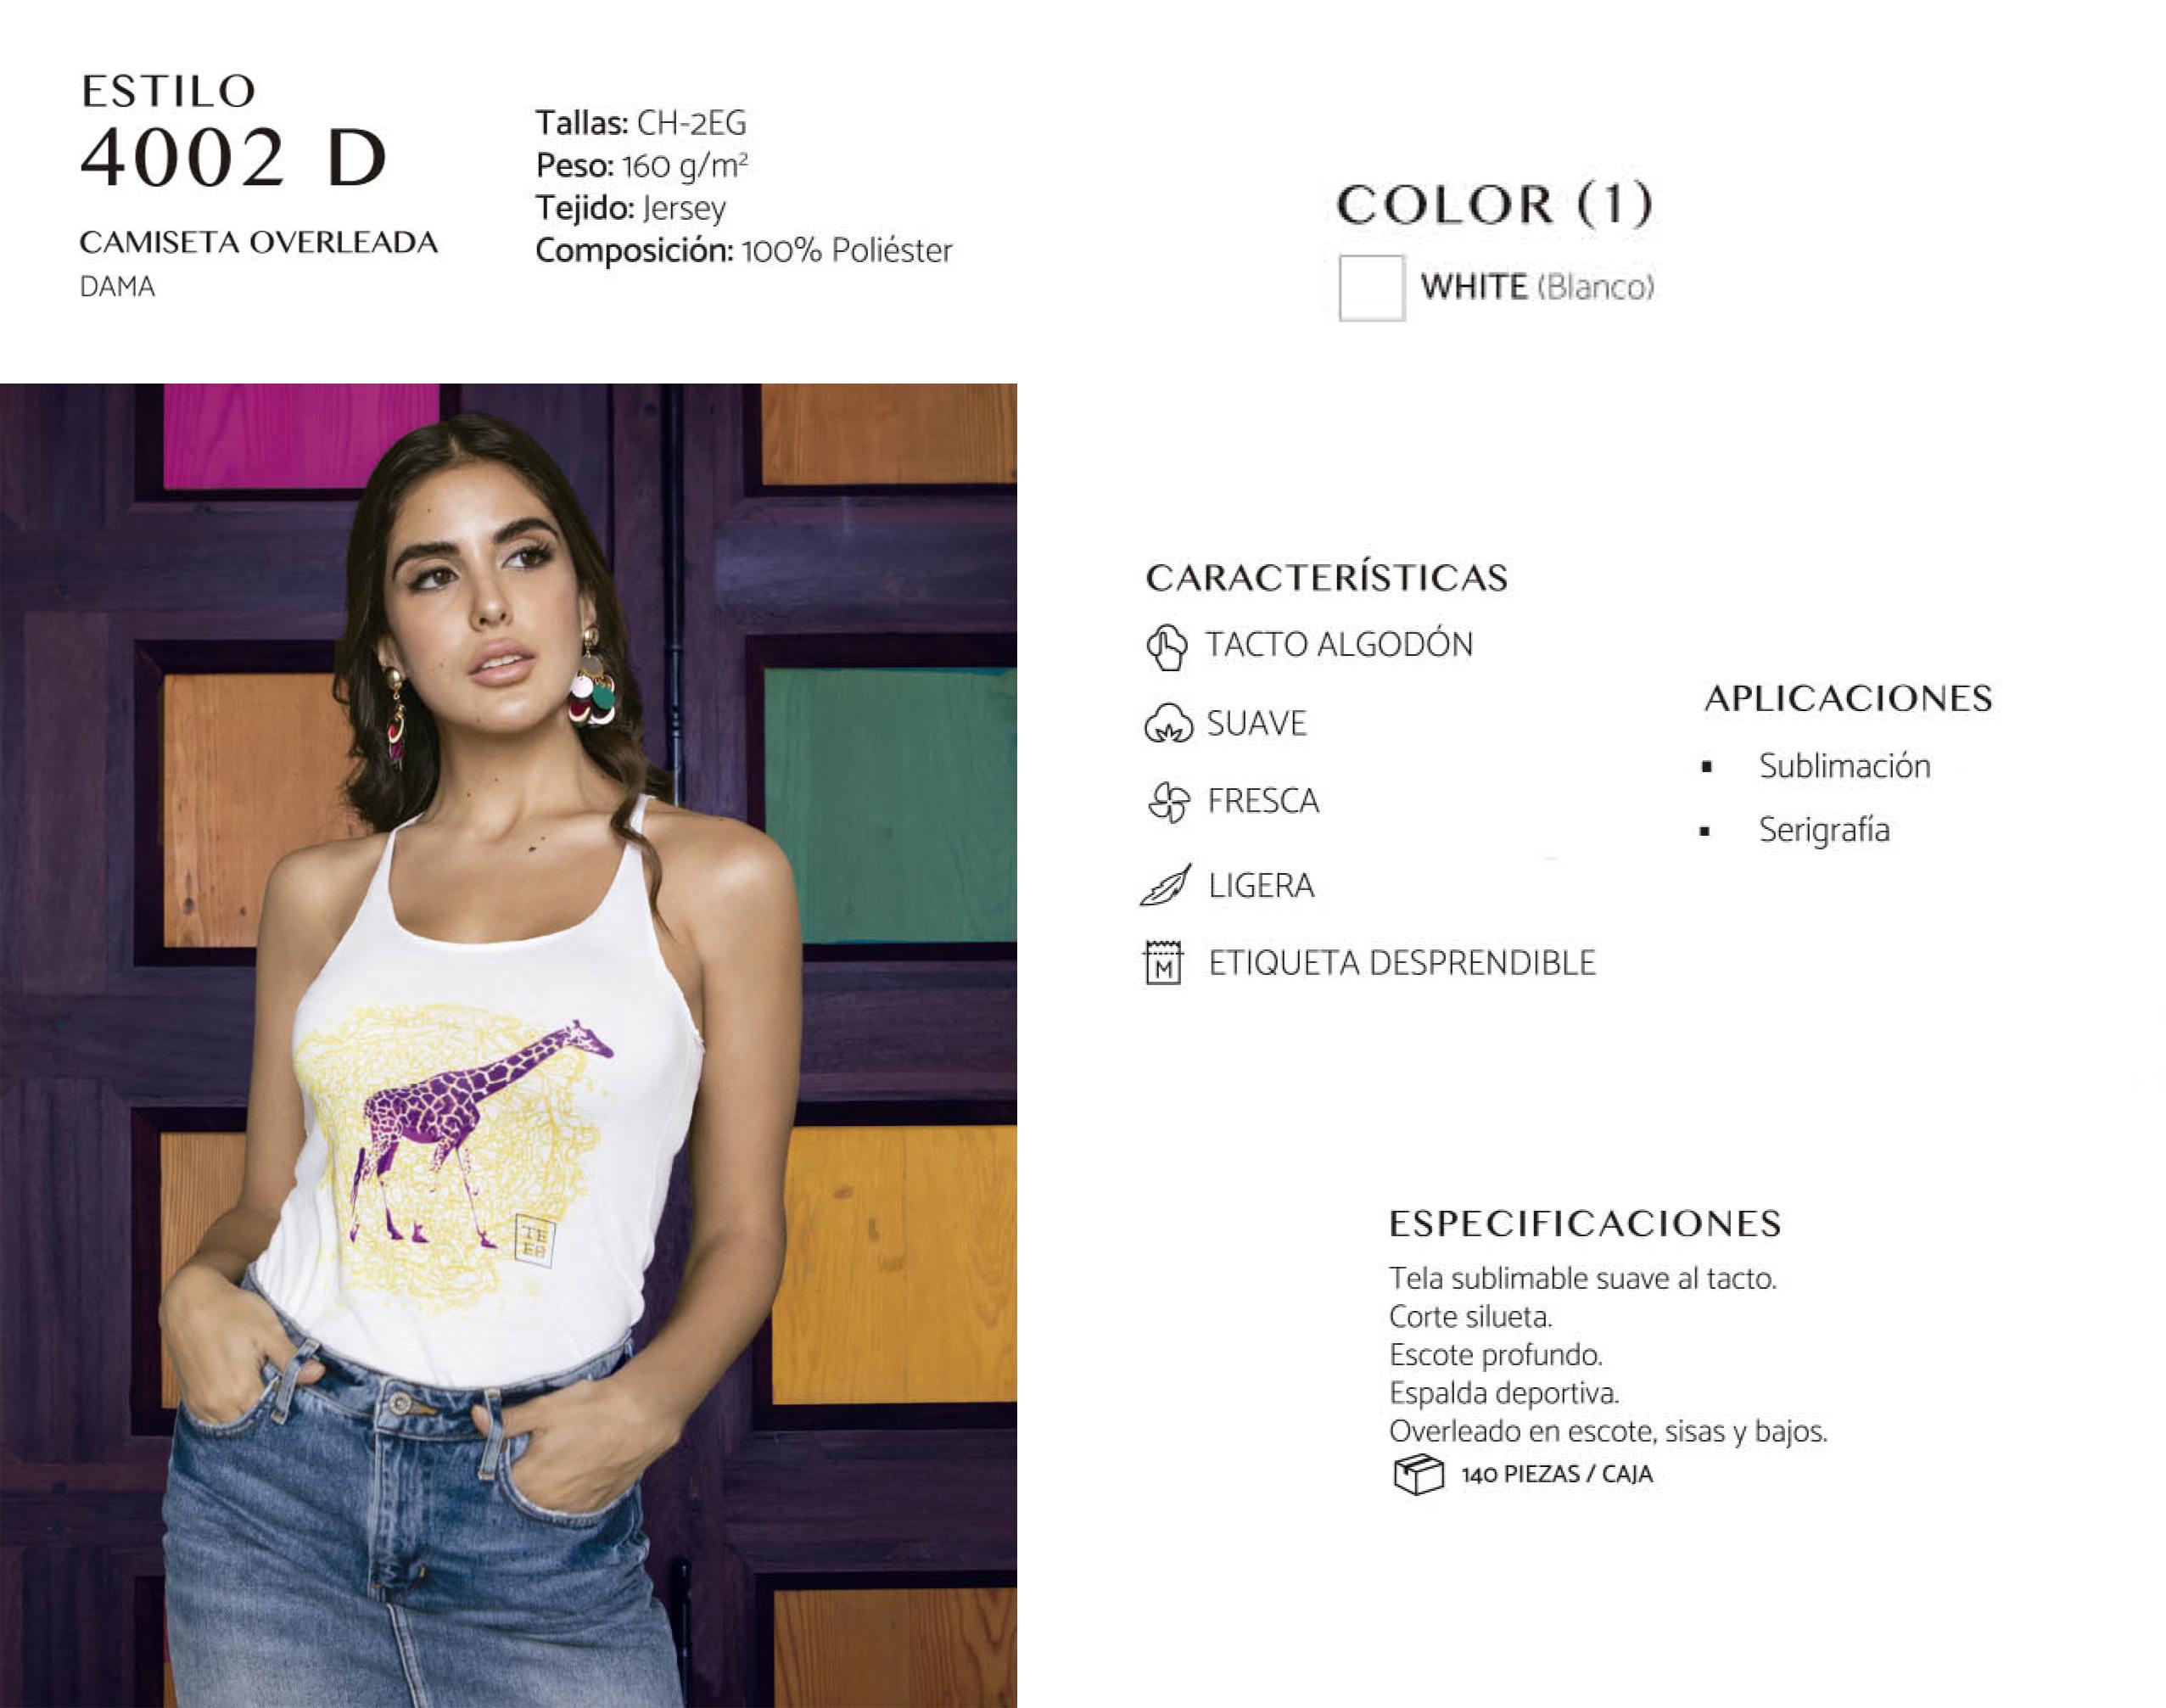 Camiseta Overleada  Resaque dama 4002 D